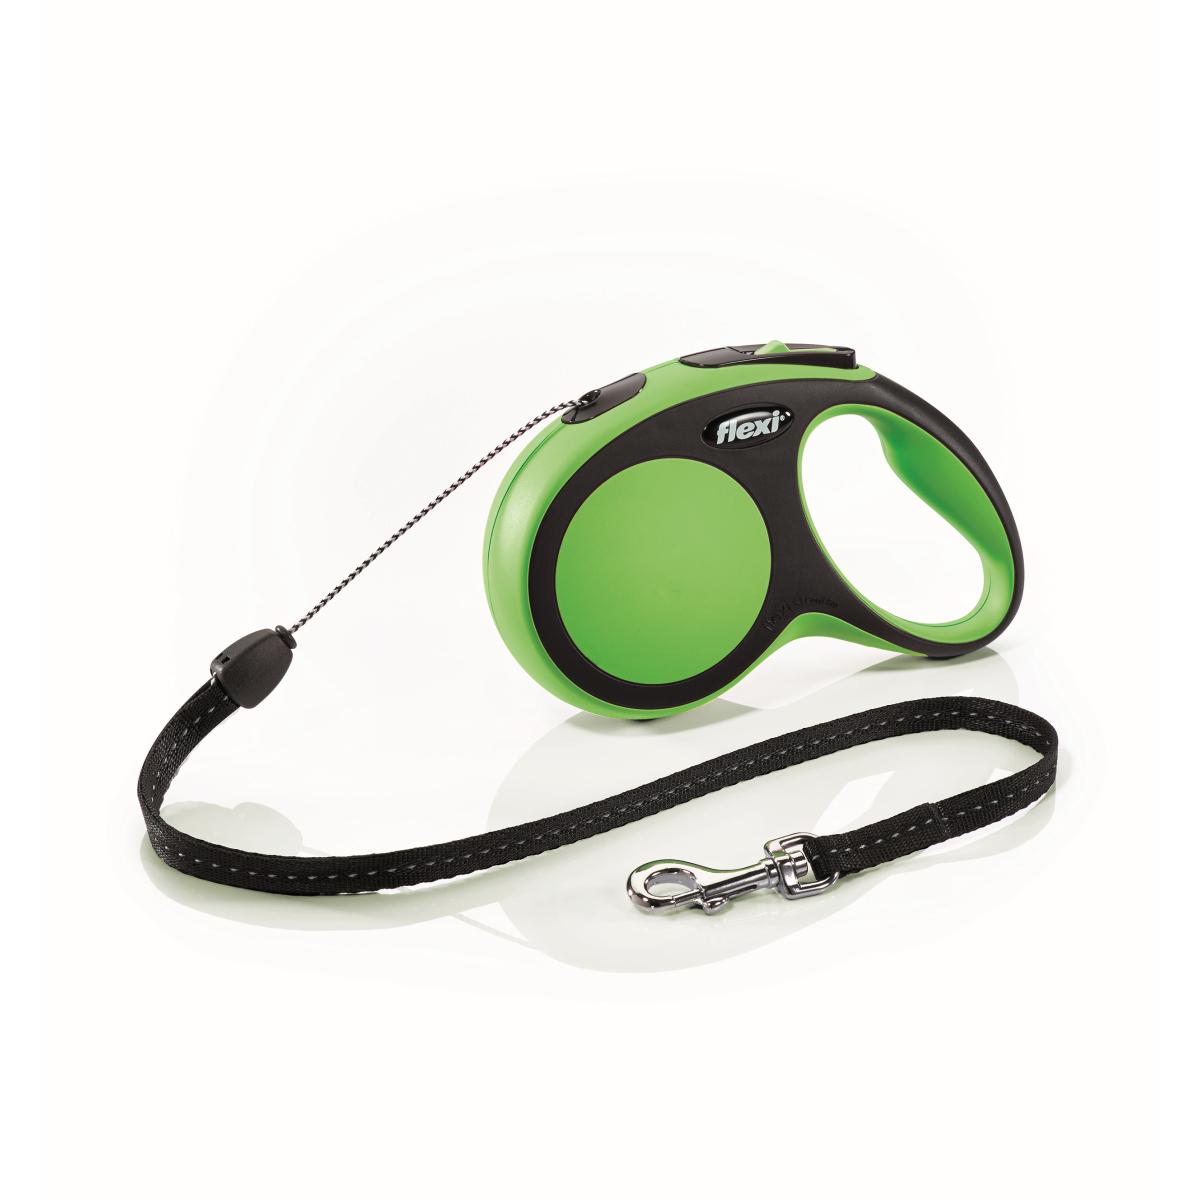 Flexi - new comfort cord s - 8 m groen